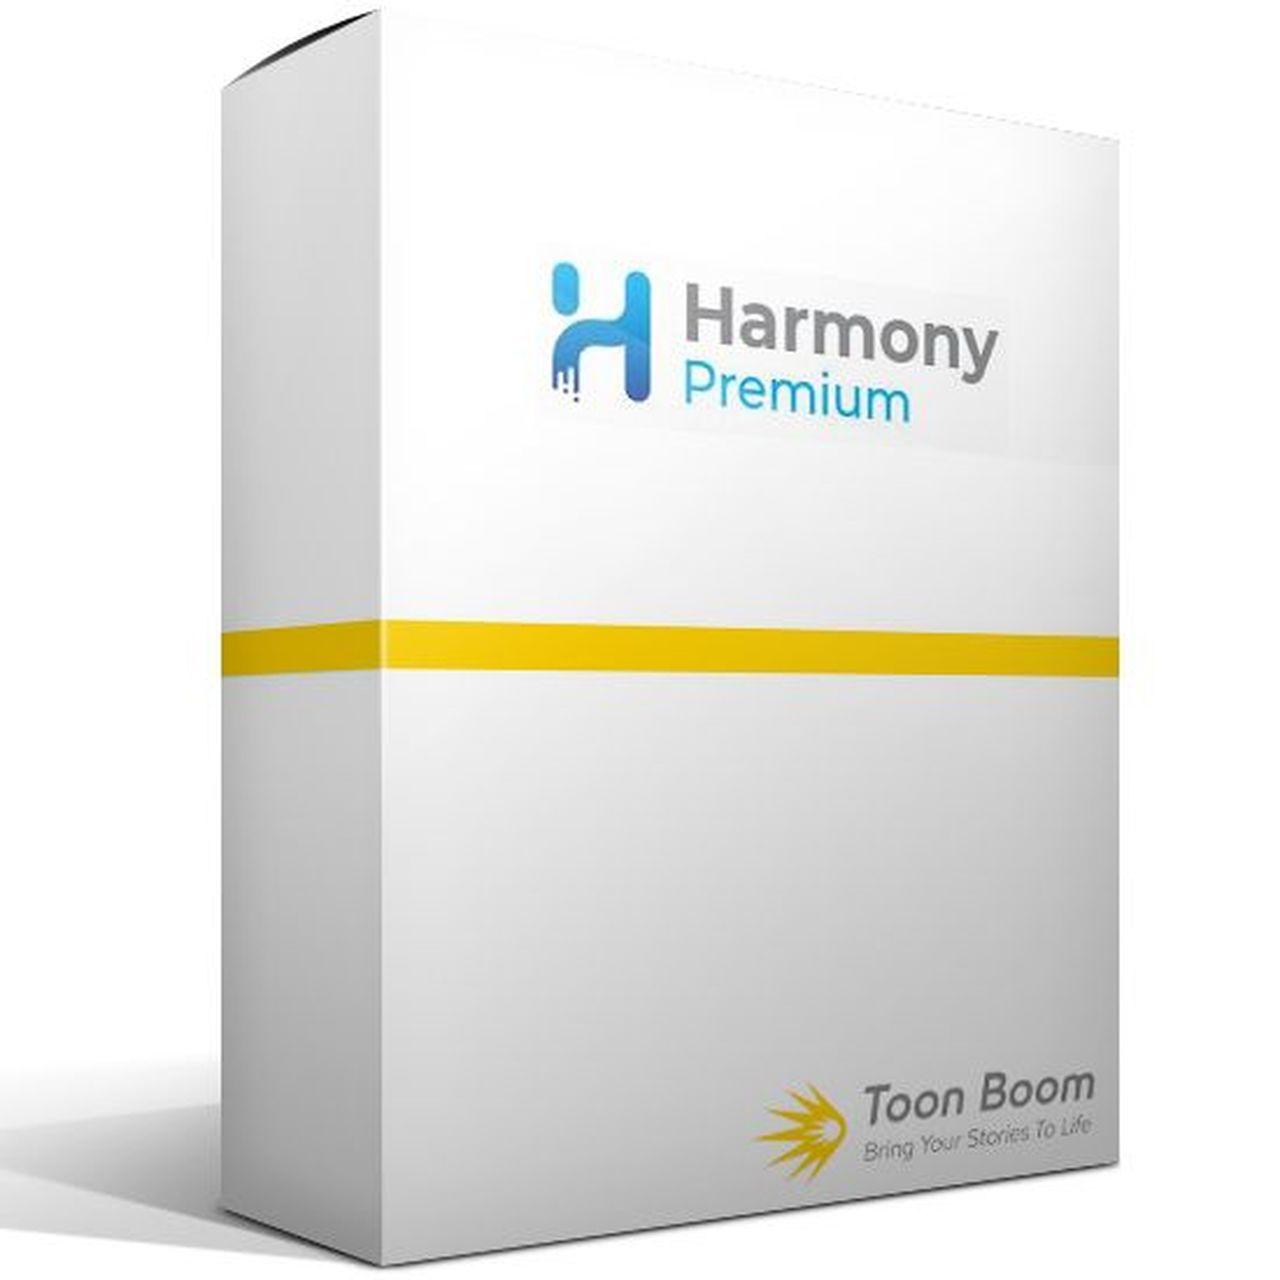 Toon Boom Harmony Premium 20.0.1 Build 16044 With Crack [Latest]